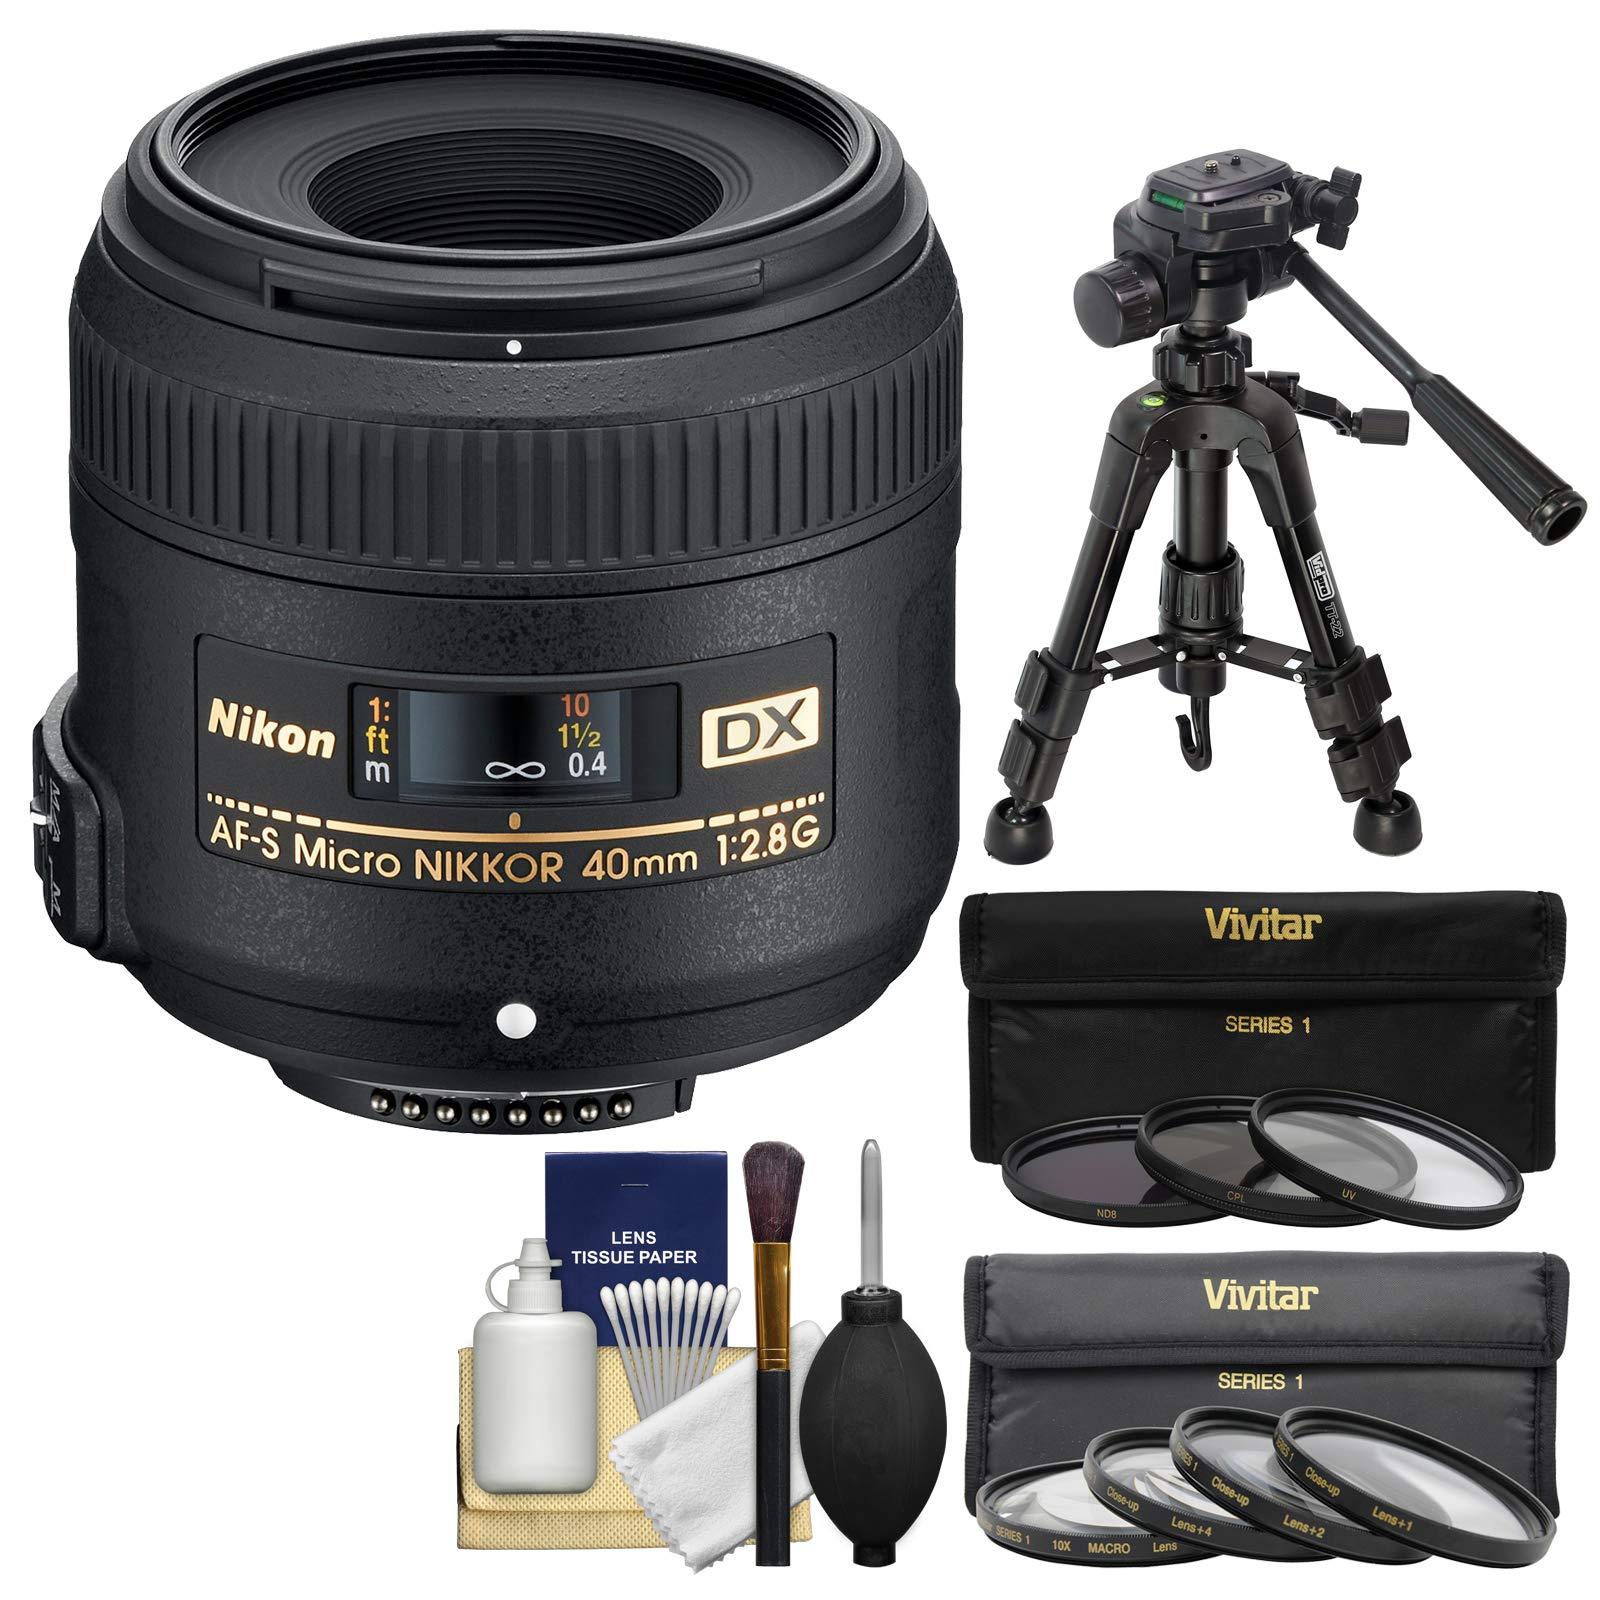 Nikon 40mm f/2.8 G DX AF-S Micro-Nikkor Lens + 7 UV/CPL/ND8 & Close-Up Filters + Macro Tripod Kit for D3200, D3300, D5300, D5500, D7100, D7200 Cameras